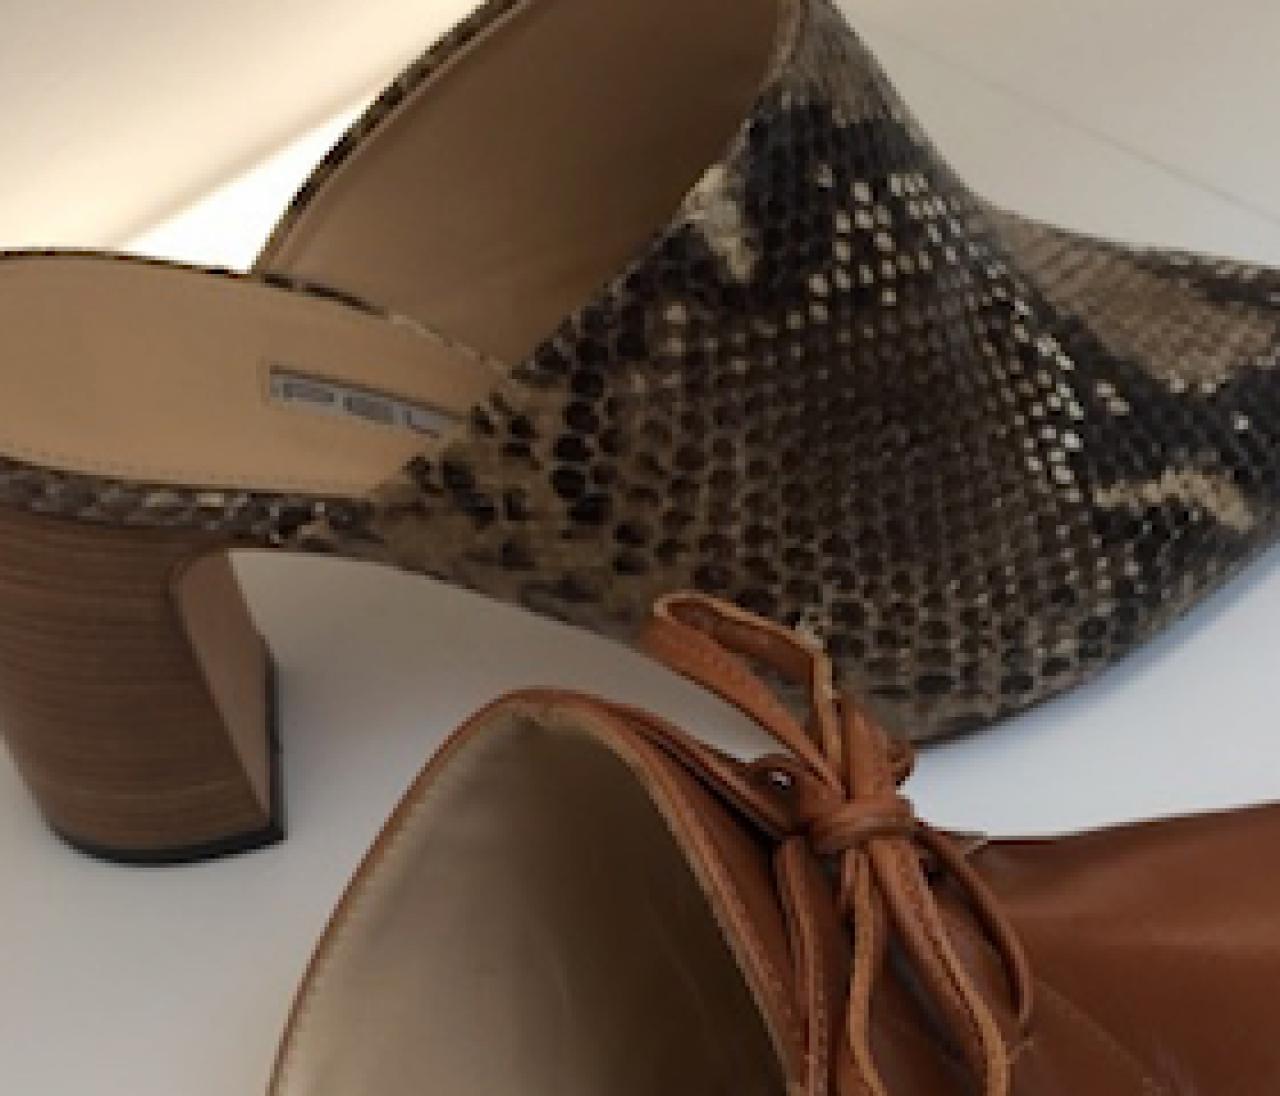 ペリーコで真っ先に買いたい秋イチ靴は【○○○】